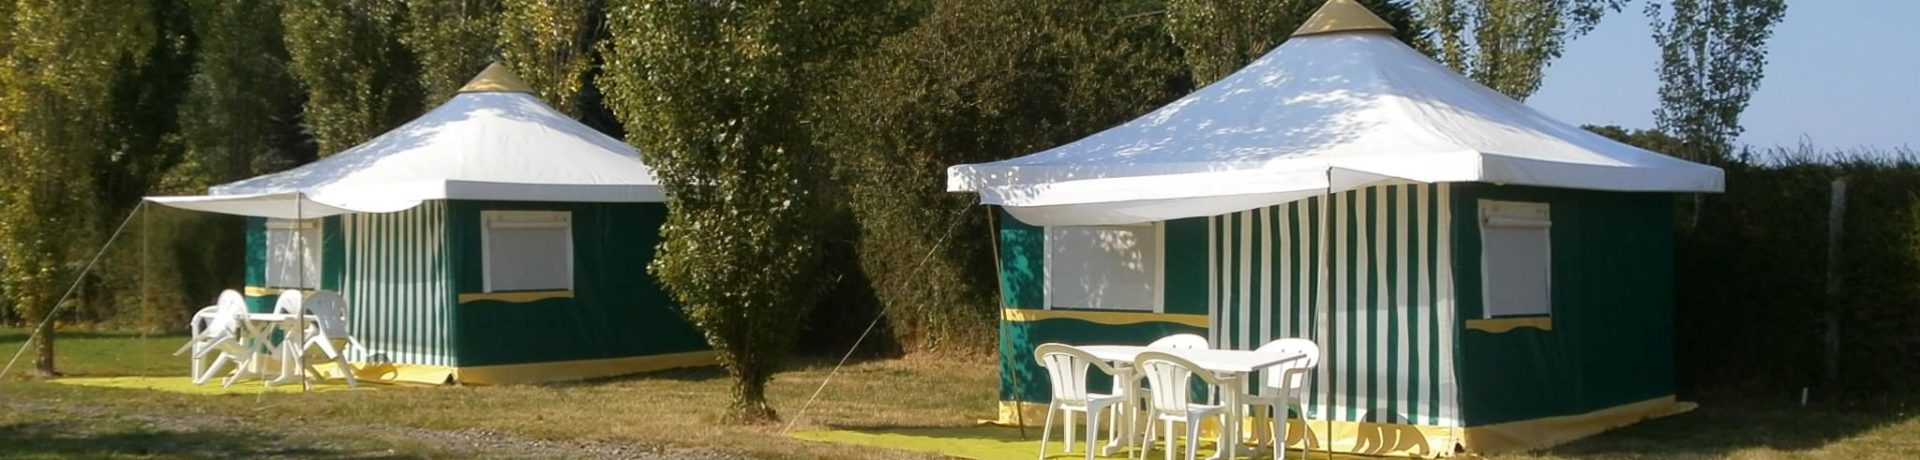 Camping Les Mouettes is een fijne kleine aan zee in Plérin-sur-Mer in de regio Bretagne met 26 toerplaatsen en 9 huuraccommodaties.